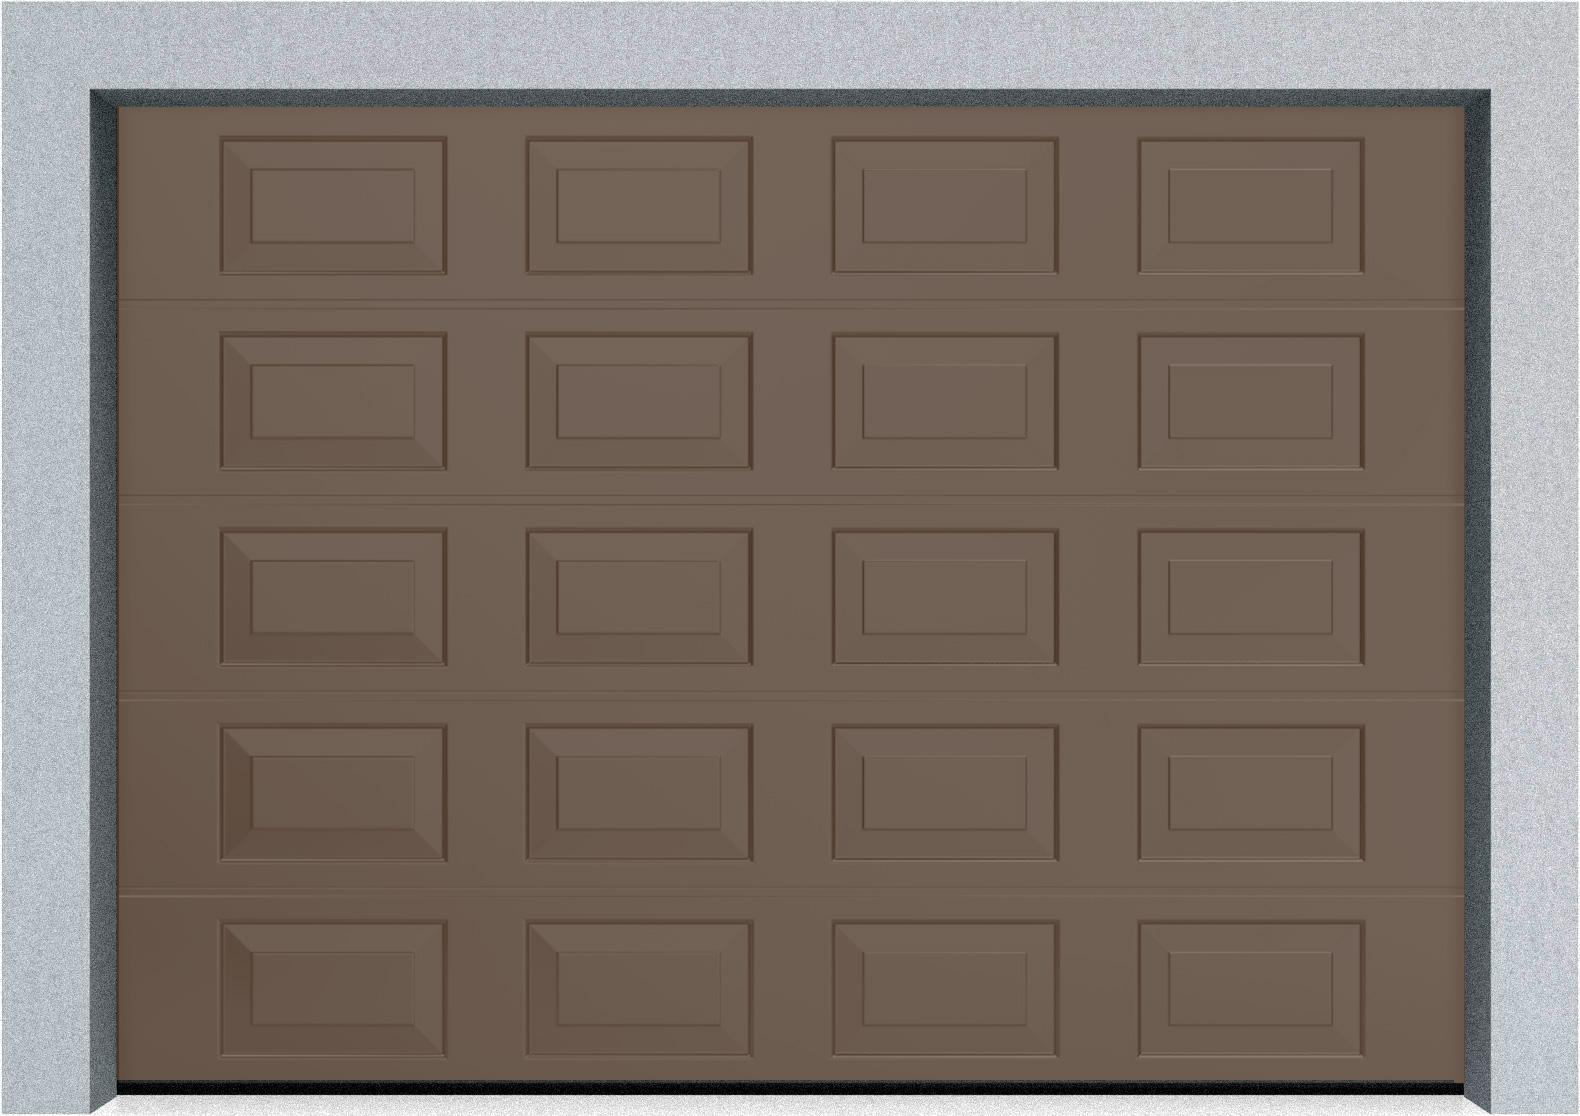 Секционные гаражные ворота DoorHan RSD01 3500x2000 Филенка стандартные цвета, пружины растяжения, фото 2